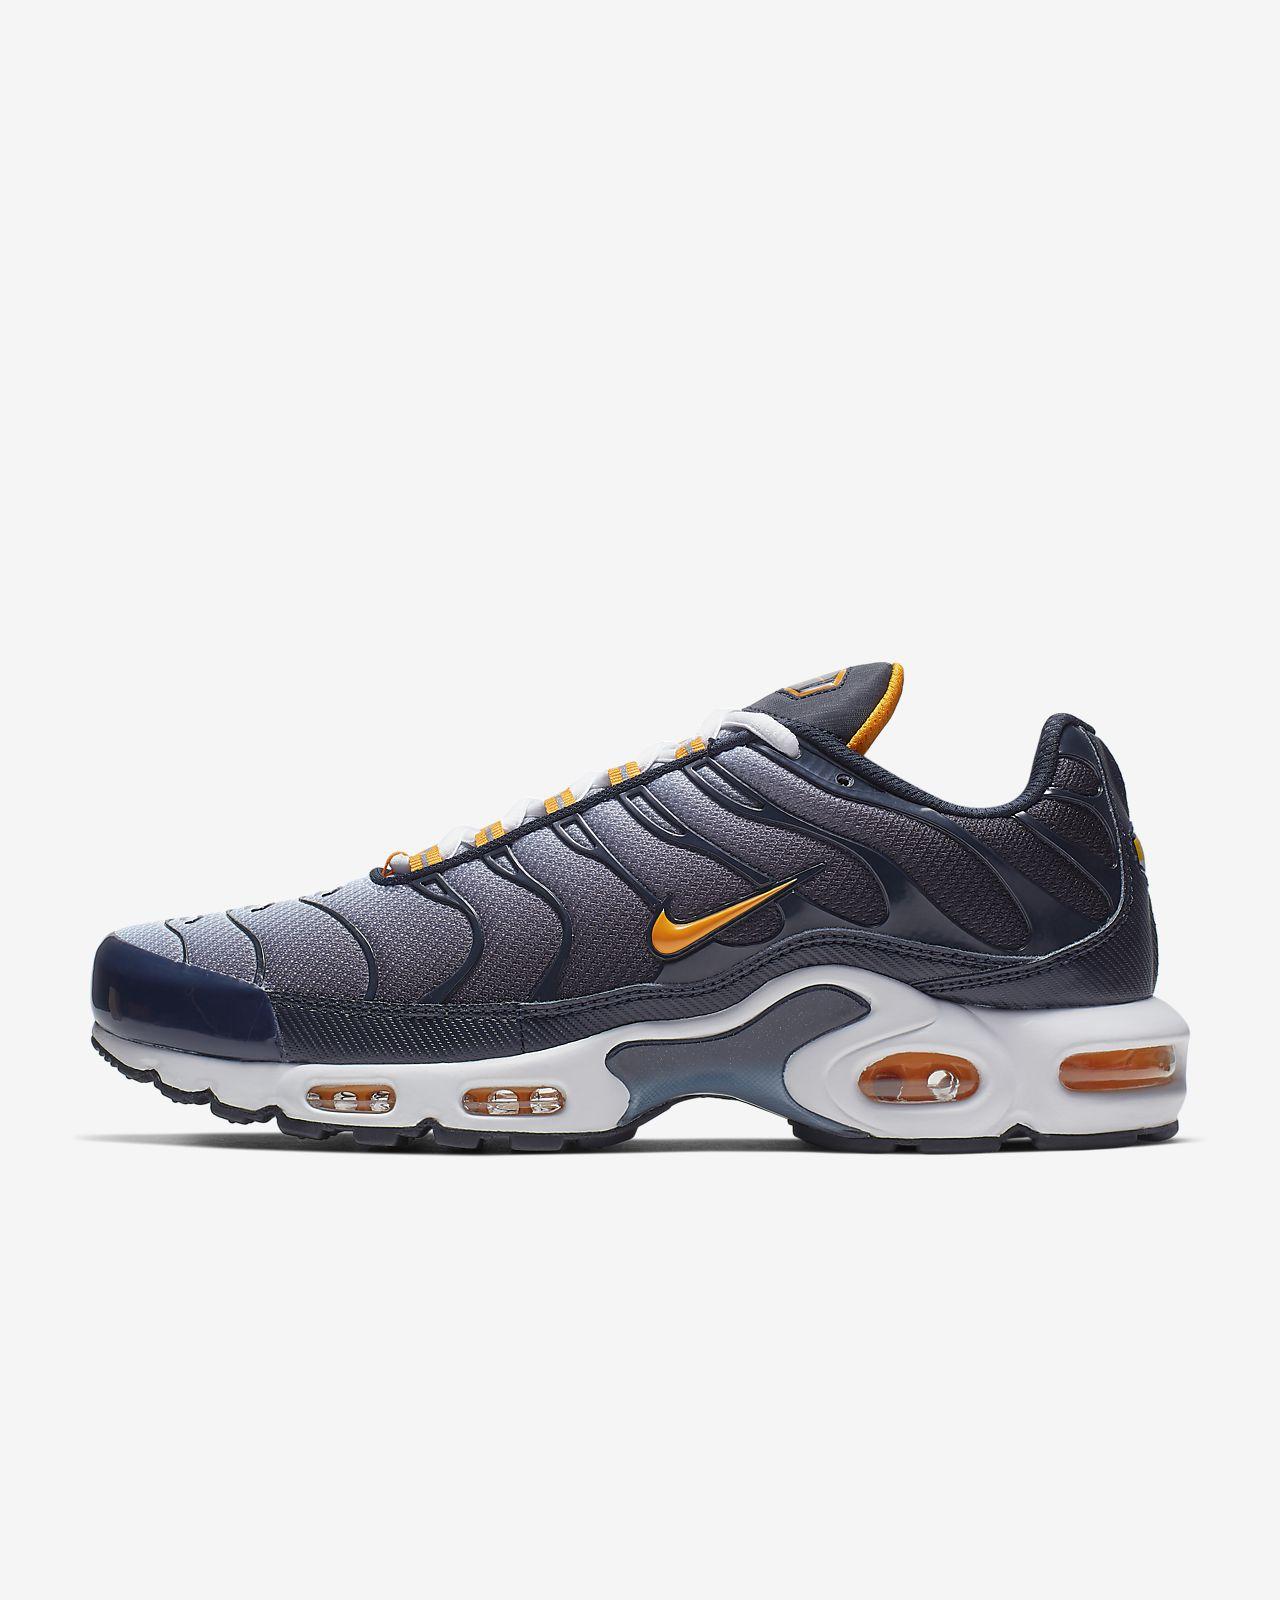 wholesale dealer 1aa2d 39179 ... Chaussure Nike Air Max Plus pour Homme